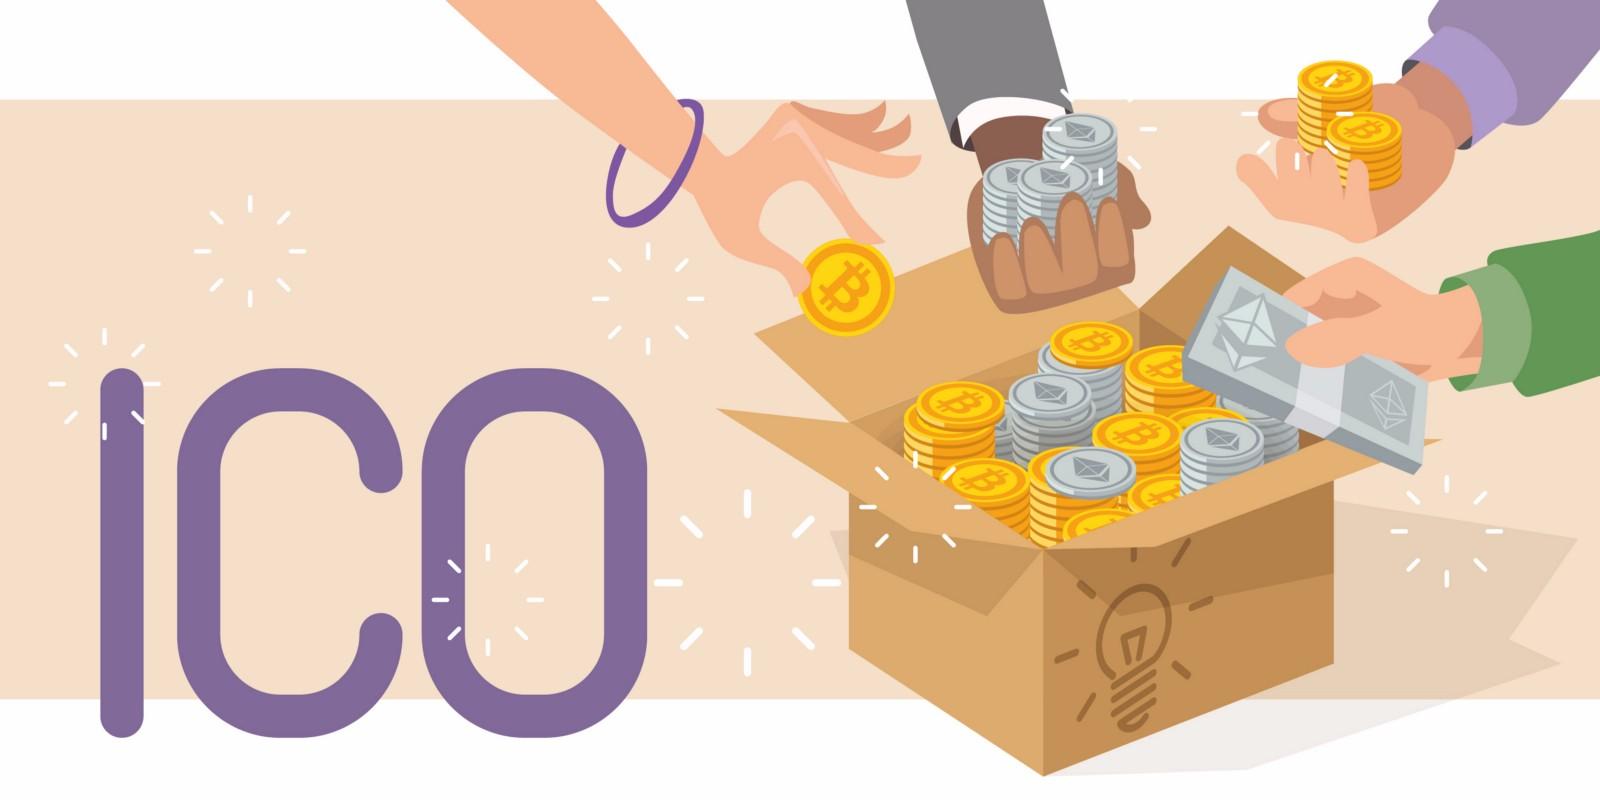 При объеме инвестиций в $30 млрд. проекты ICO практически не развиваются